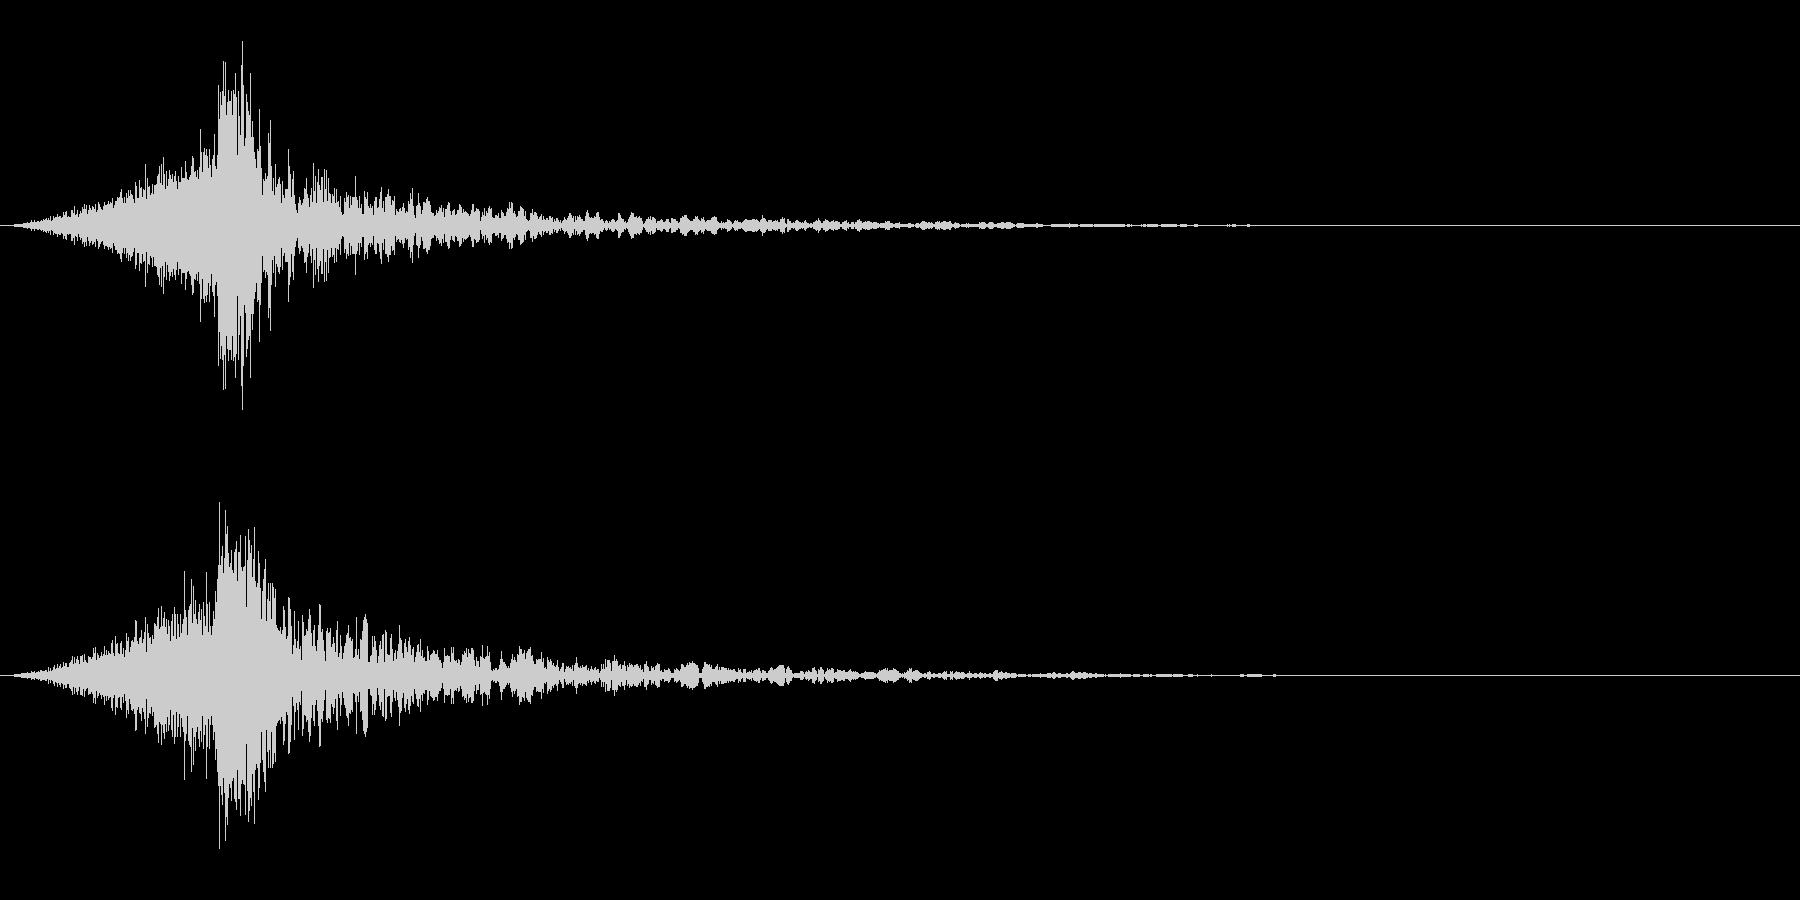 シュードーン-37-4(インパクト音)の未再生の波形